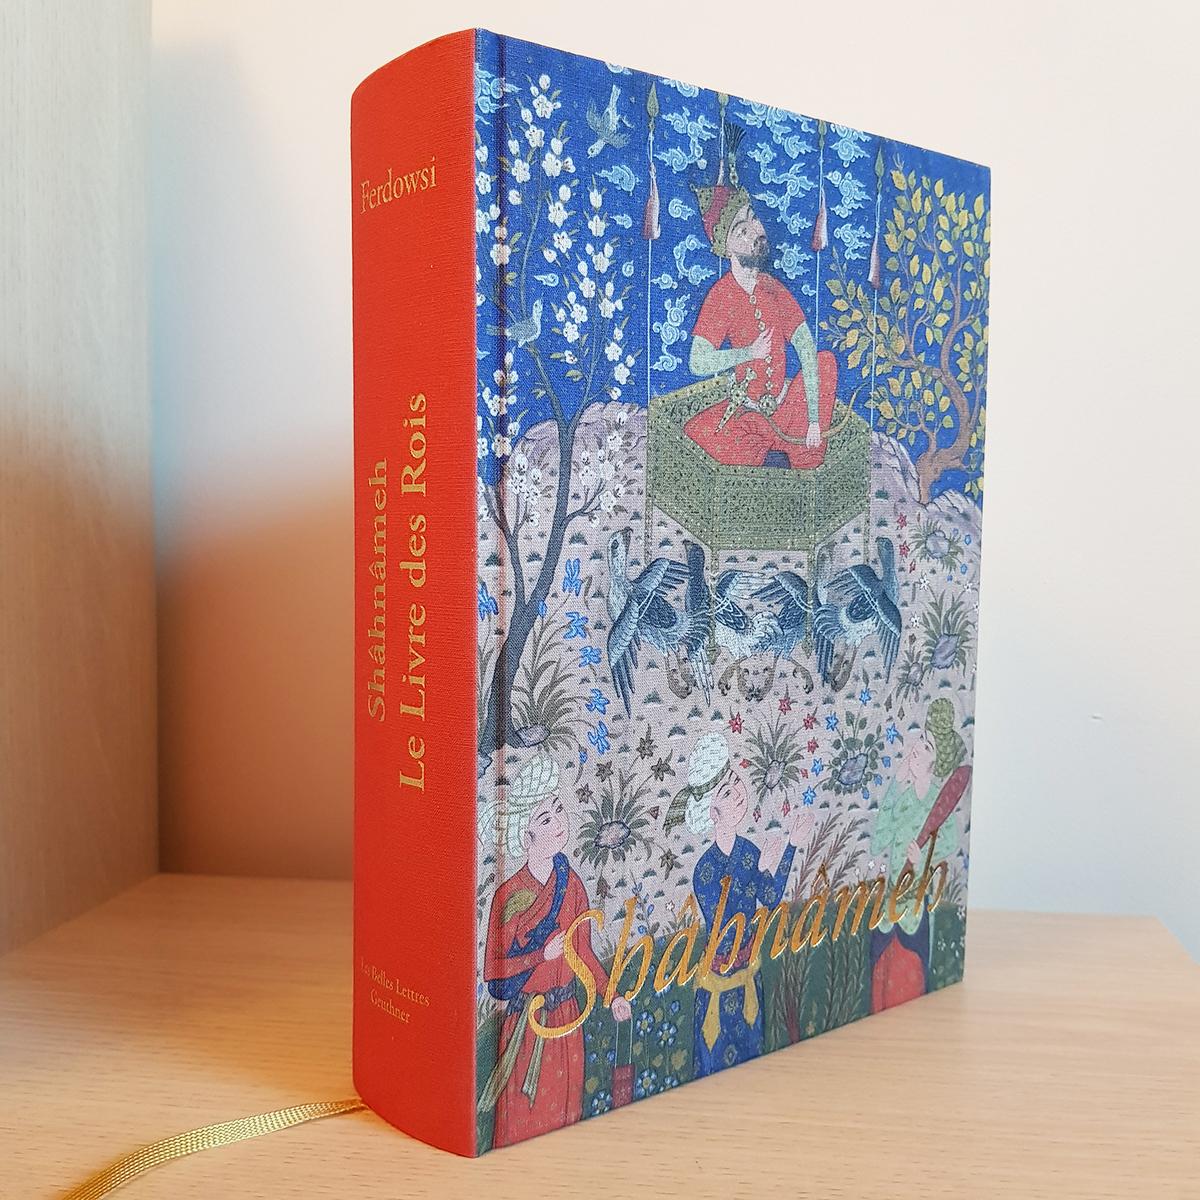 Litterature Persane Le Livre Des Rois De Ferdowsi Dans Une Edition D Exception Editions Les Belles Lettres Le Blog